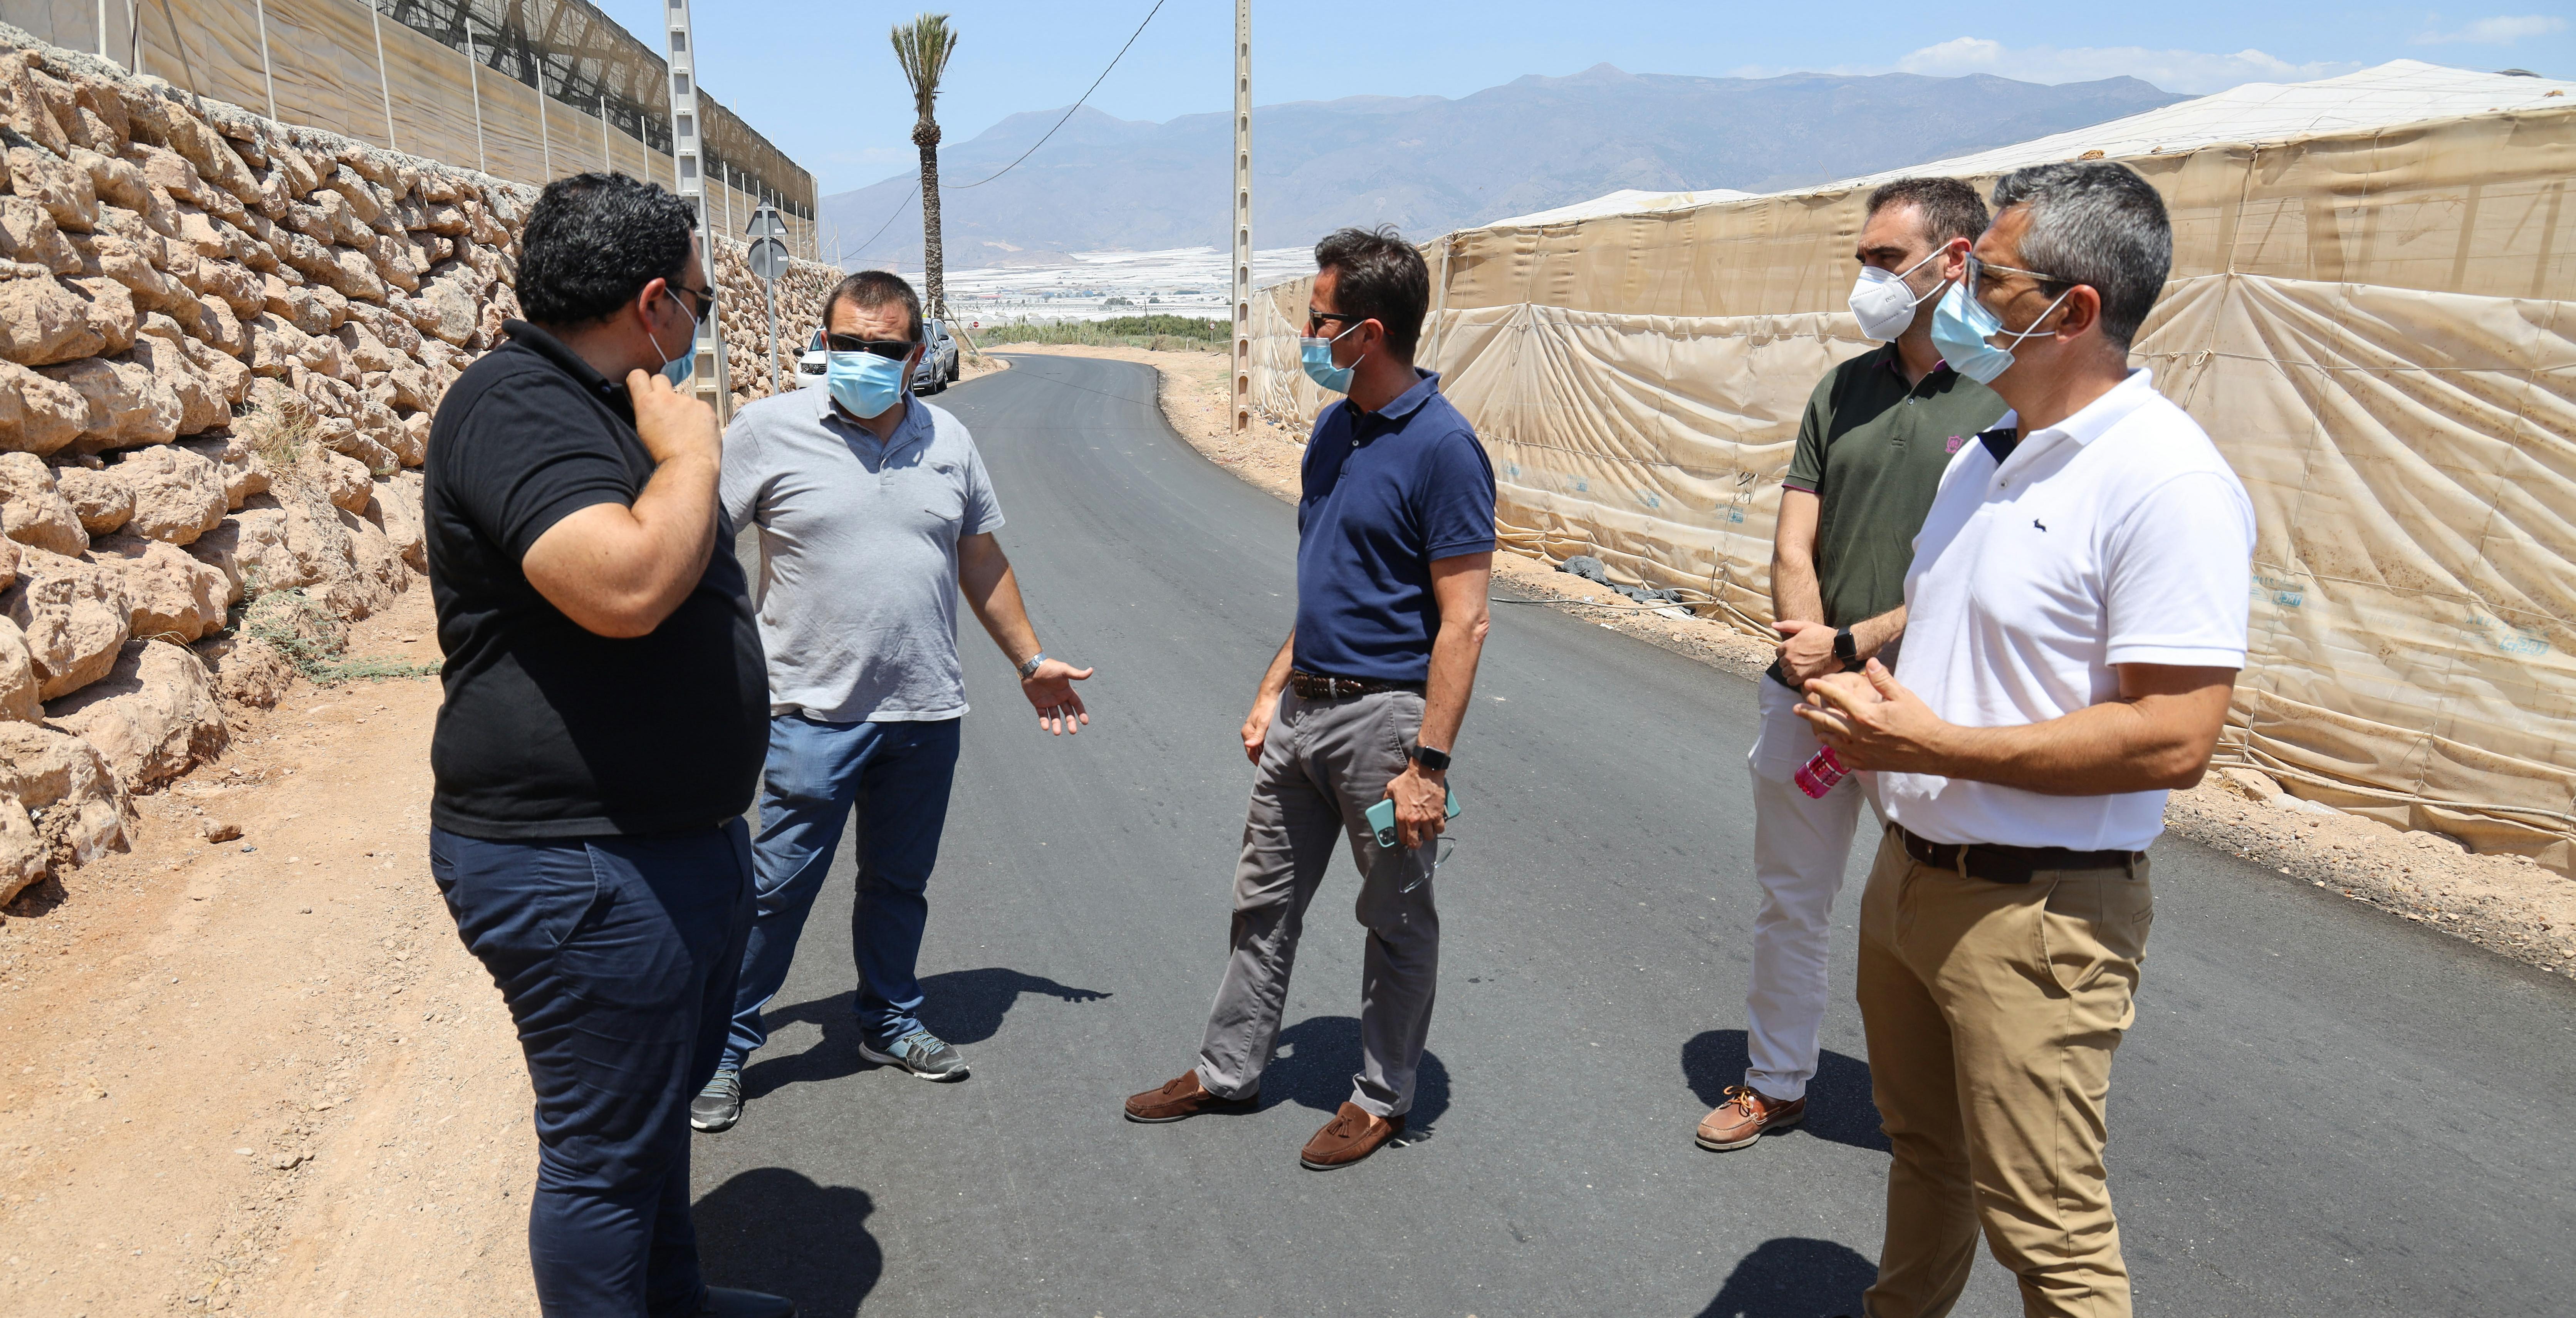 La colaboración público-privada de Consistorio y agricultores posibilita mejorar la funcionalidad y seguridad del camino rural que transcurre desde el Hoyo Montoya a Cueva del Mojón